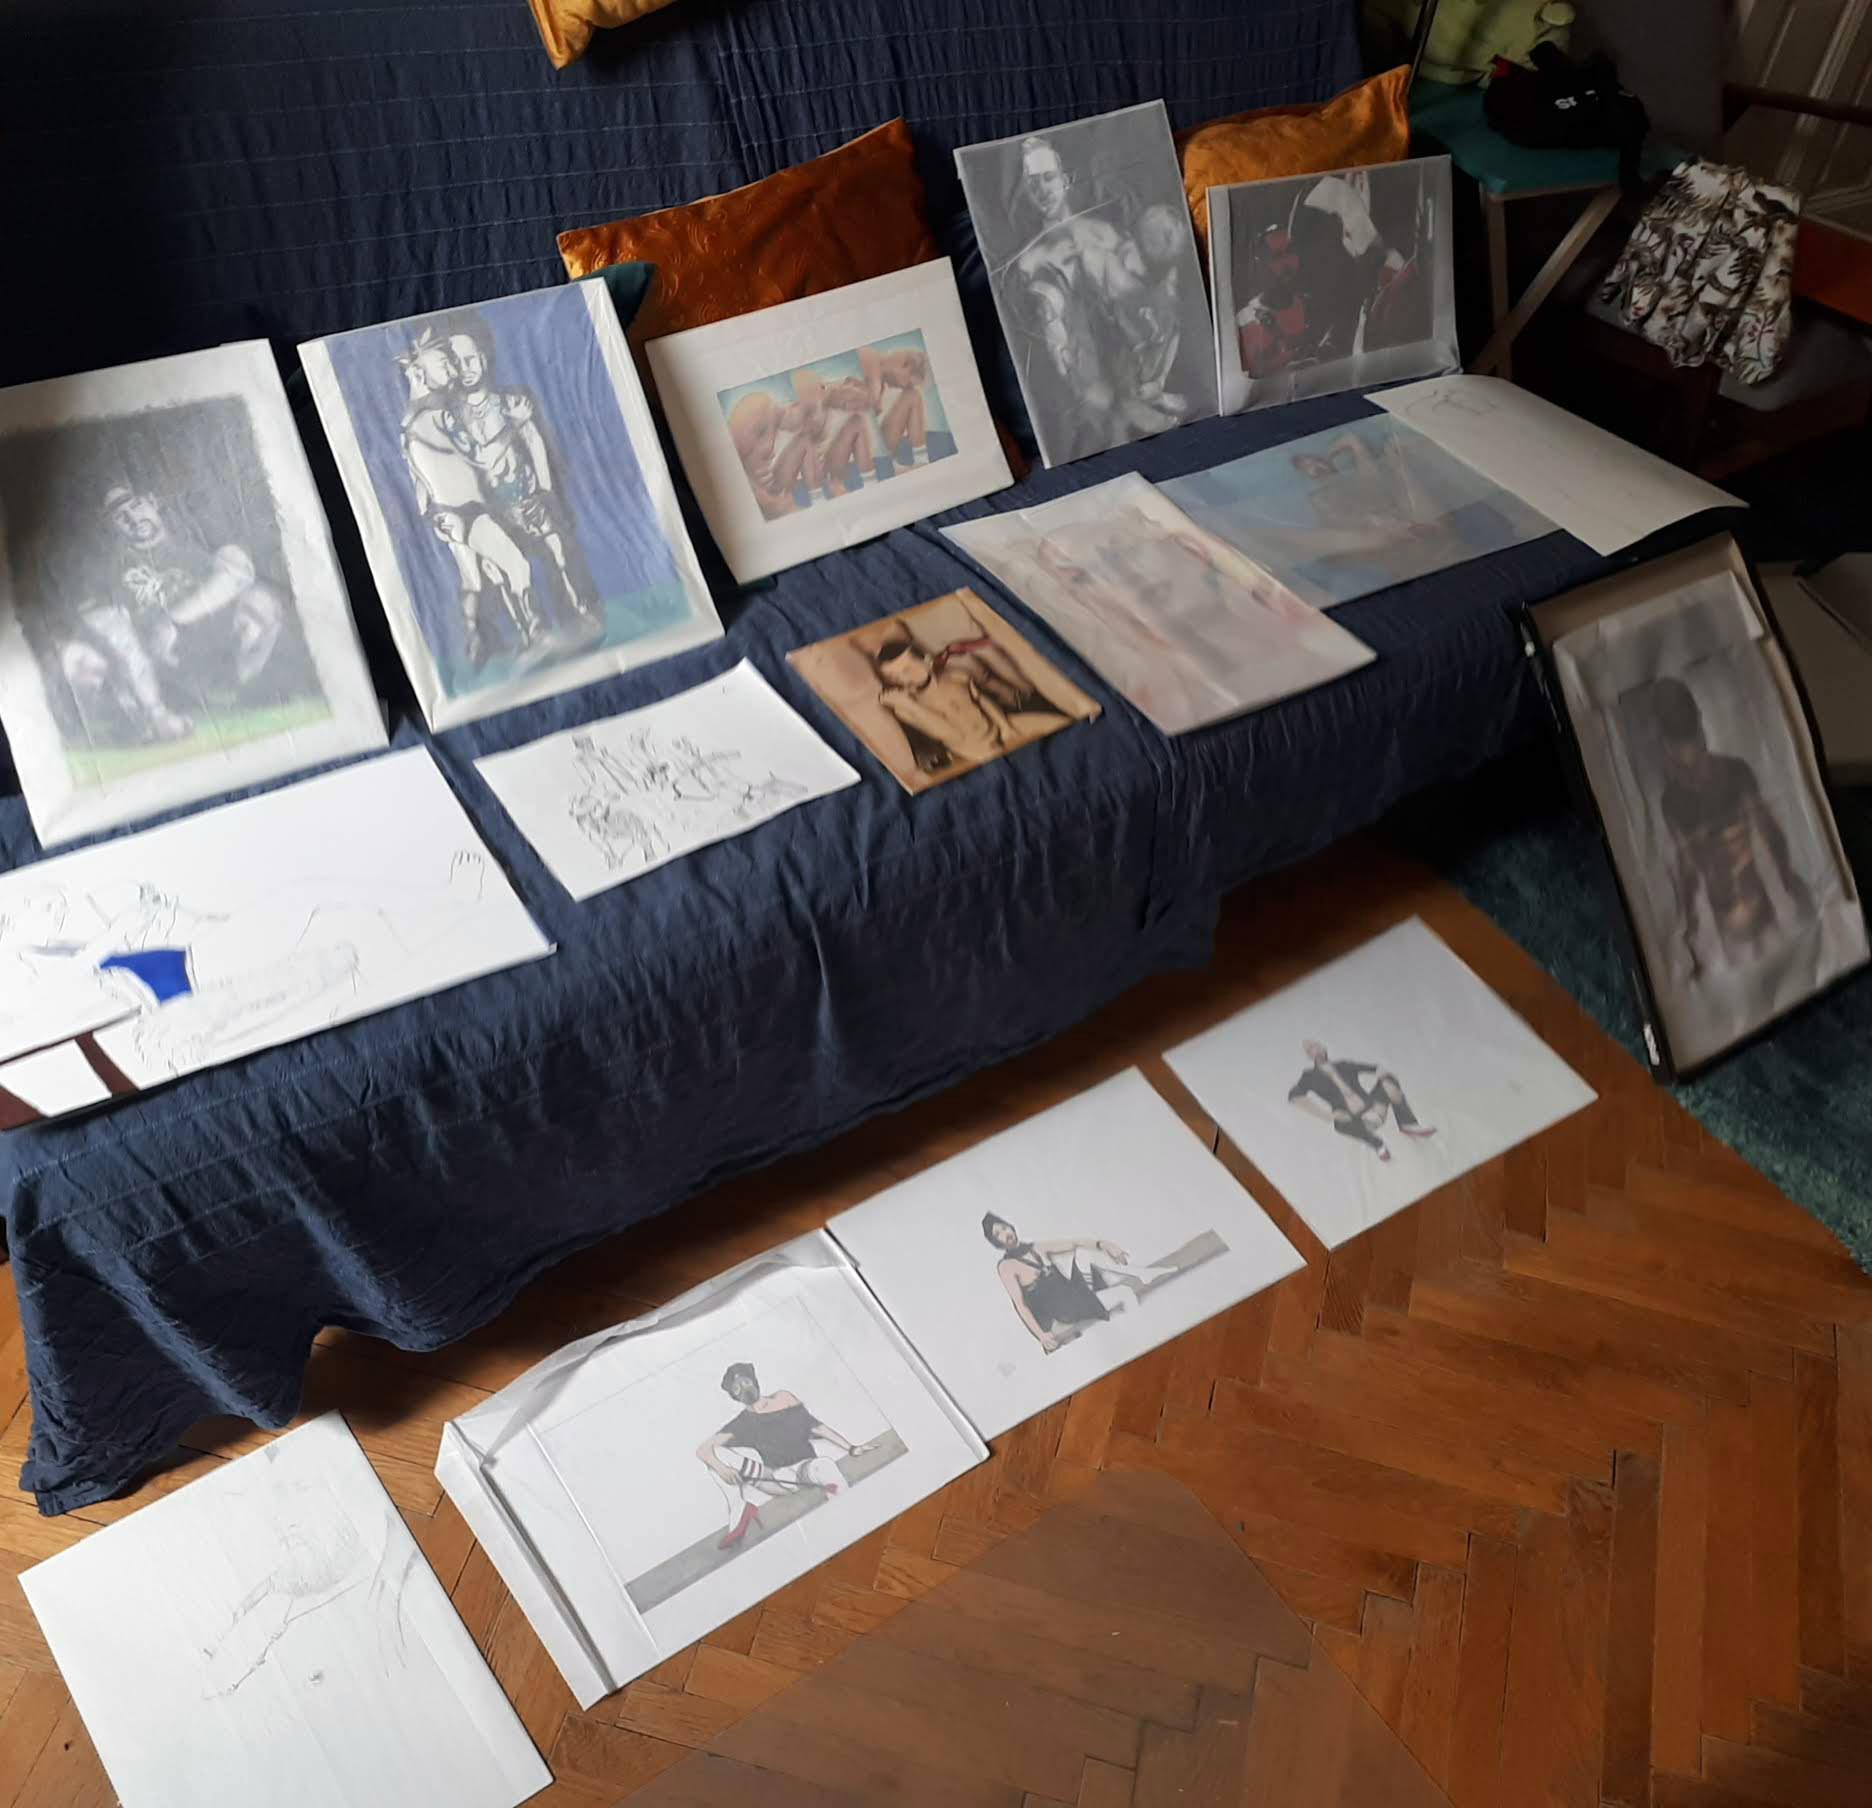 Damit ich einen Überblick über die fertigen und unfertigen Bilder bekam, habe ich sie mal alle in meinem Atelier kurz aufgestellt.